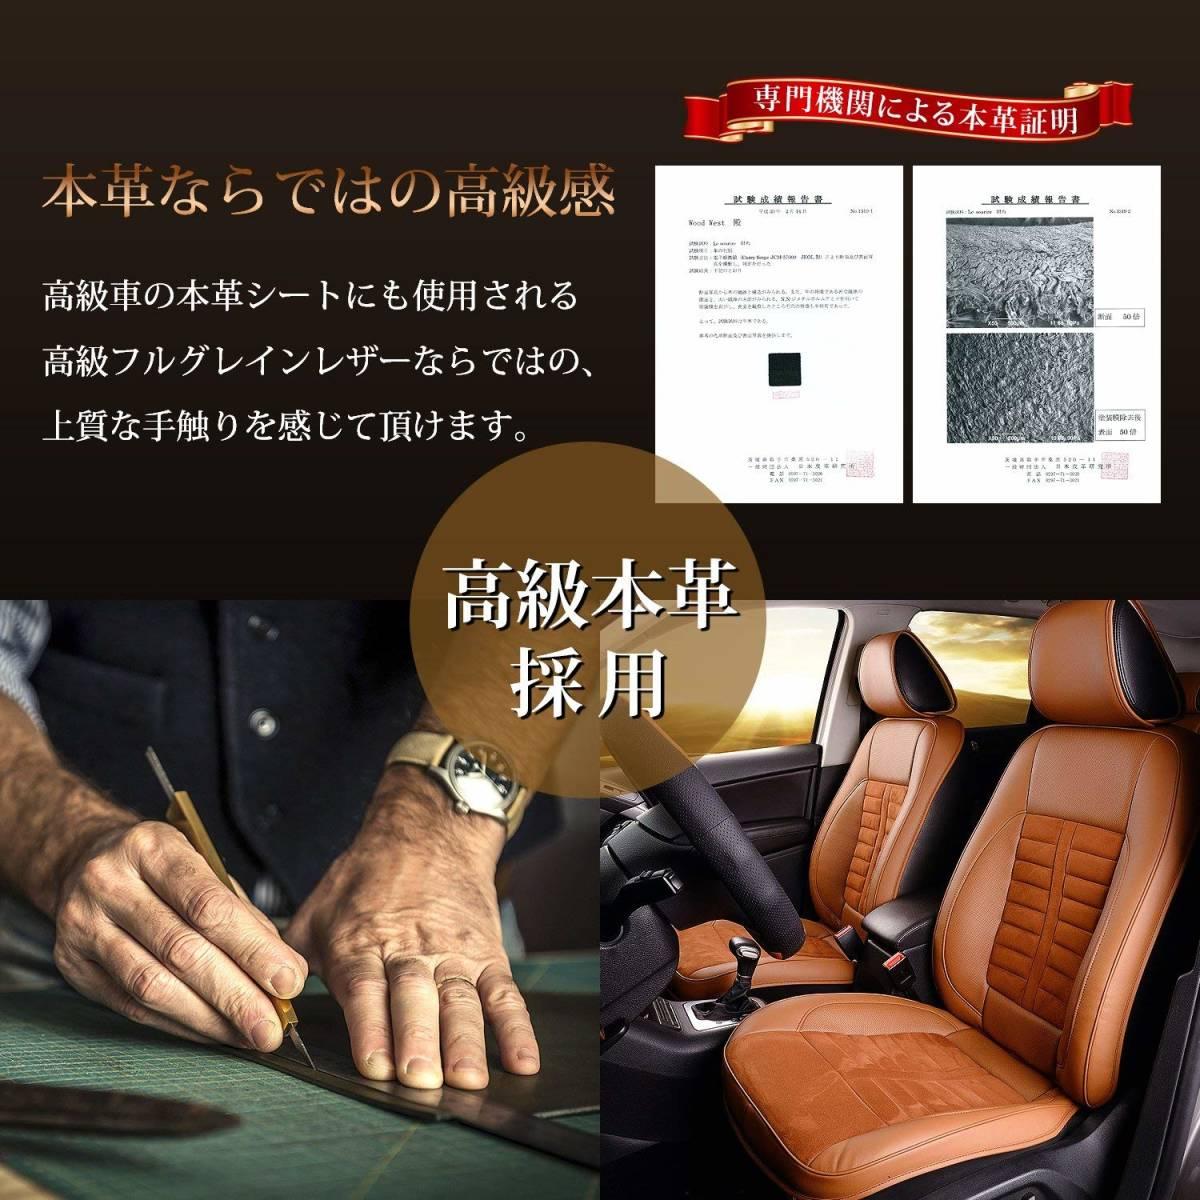 【送料無料】 [Le sourire] 二つ折り 財布 カード18枚収納 ボックス型小銭入れ 本革 メンズ ブラック ブラウン 黒 茶色_画像7